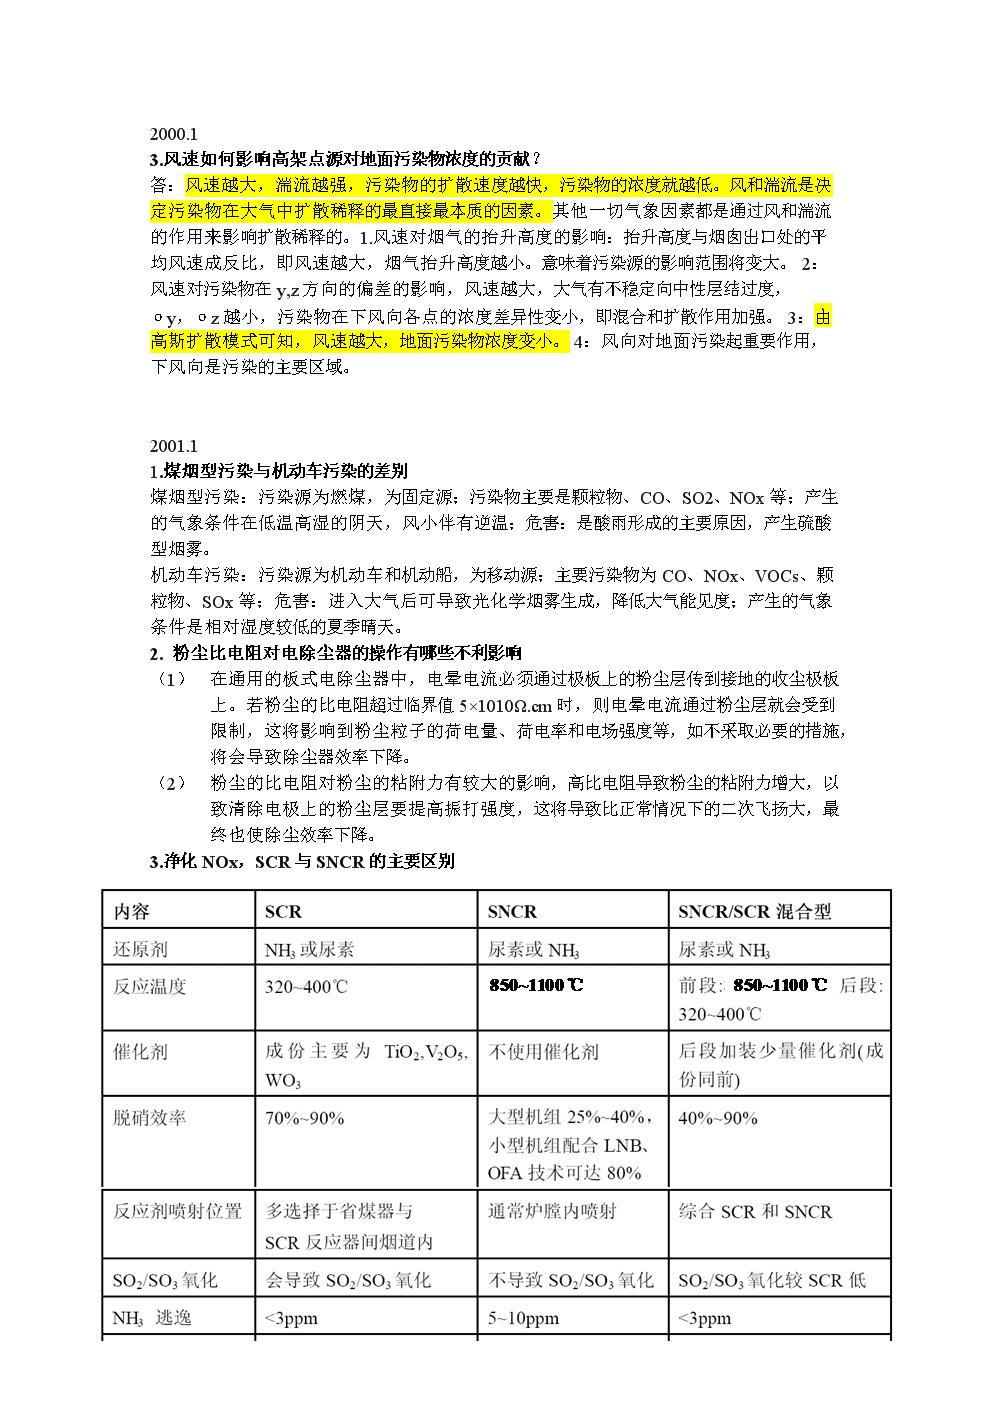 大气简答题大气污染控制工程.doc